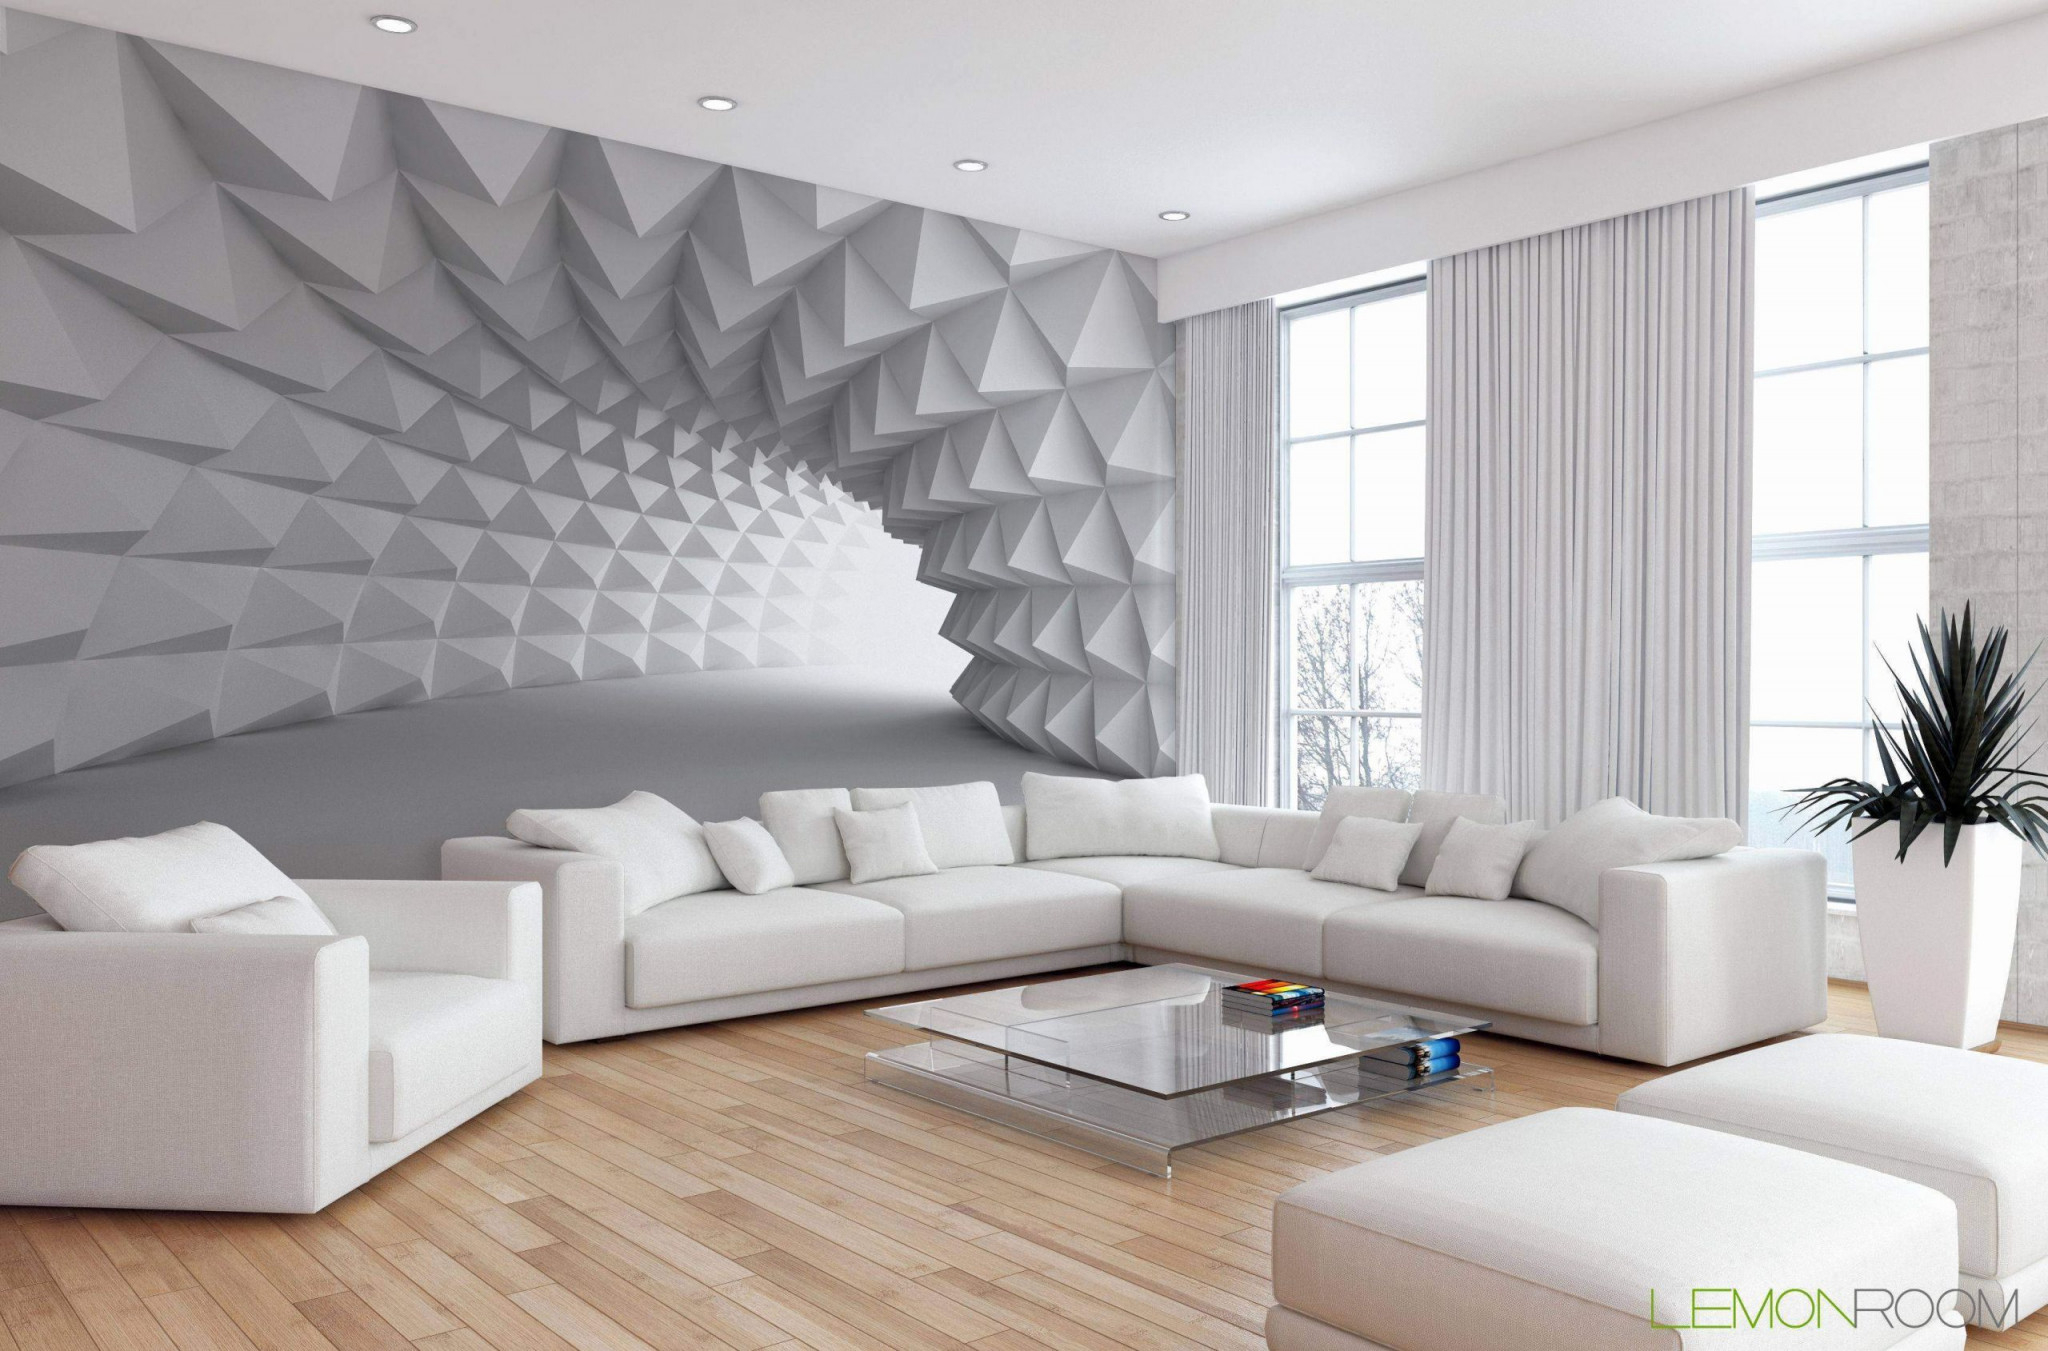 Wohnzimmer Tapezieren Ideen Luxus Tapete Wohnzimmer Ideen von Wohnzimmer Tapezieren Ideen Bild